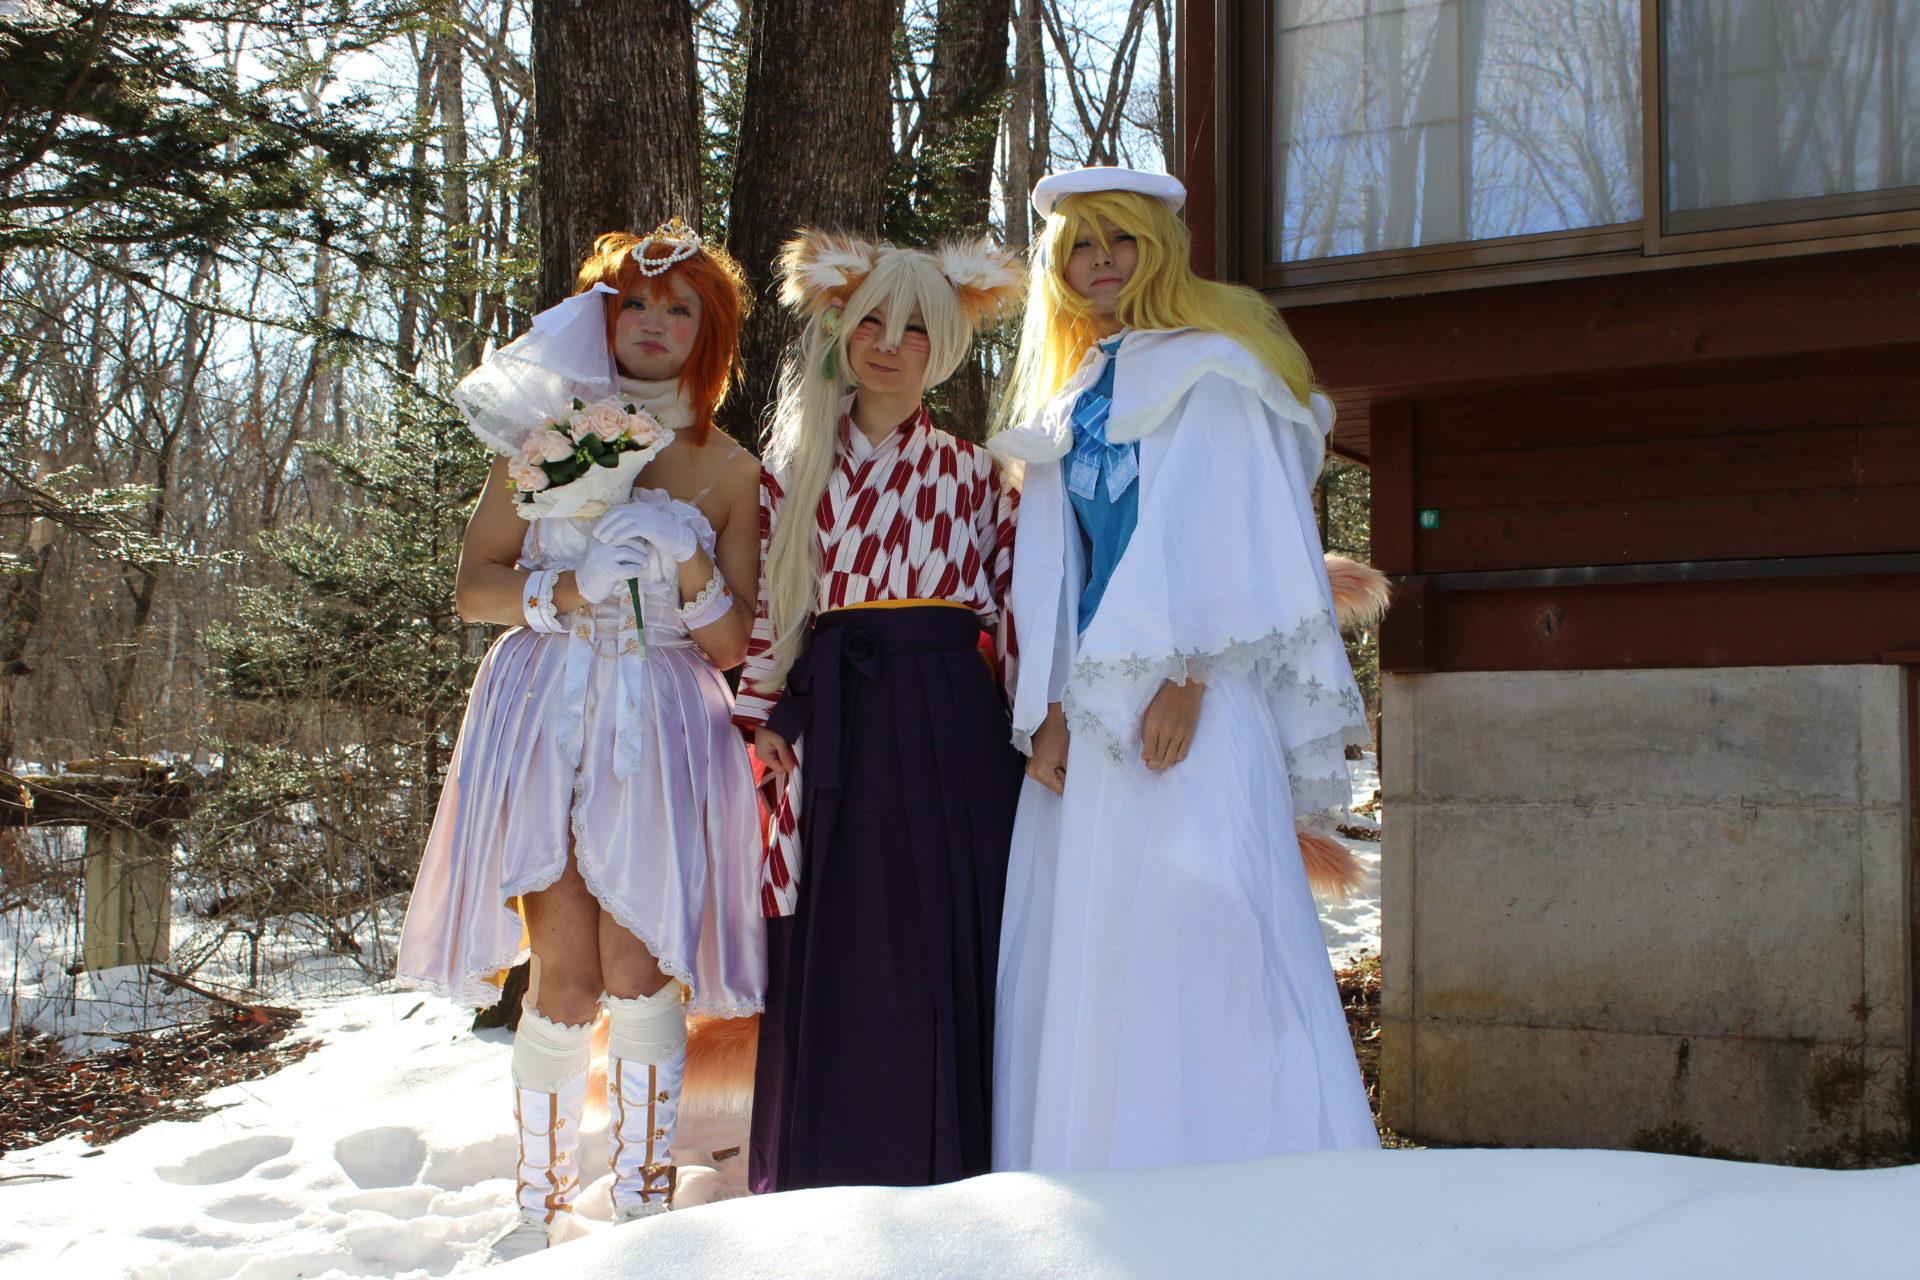 1月18日宿泊ラブライブ、Vtuber、九尾の狐のコスプレ